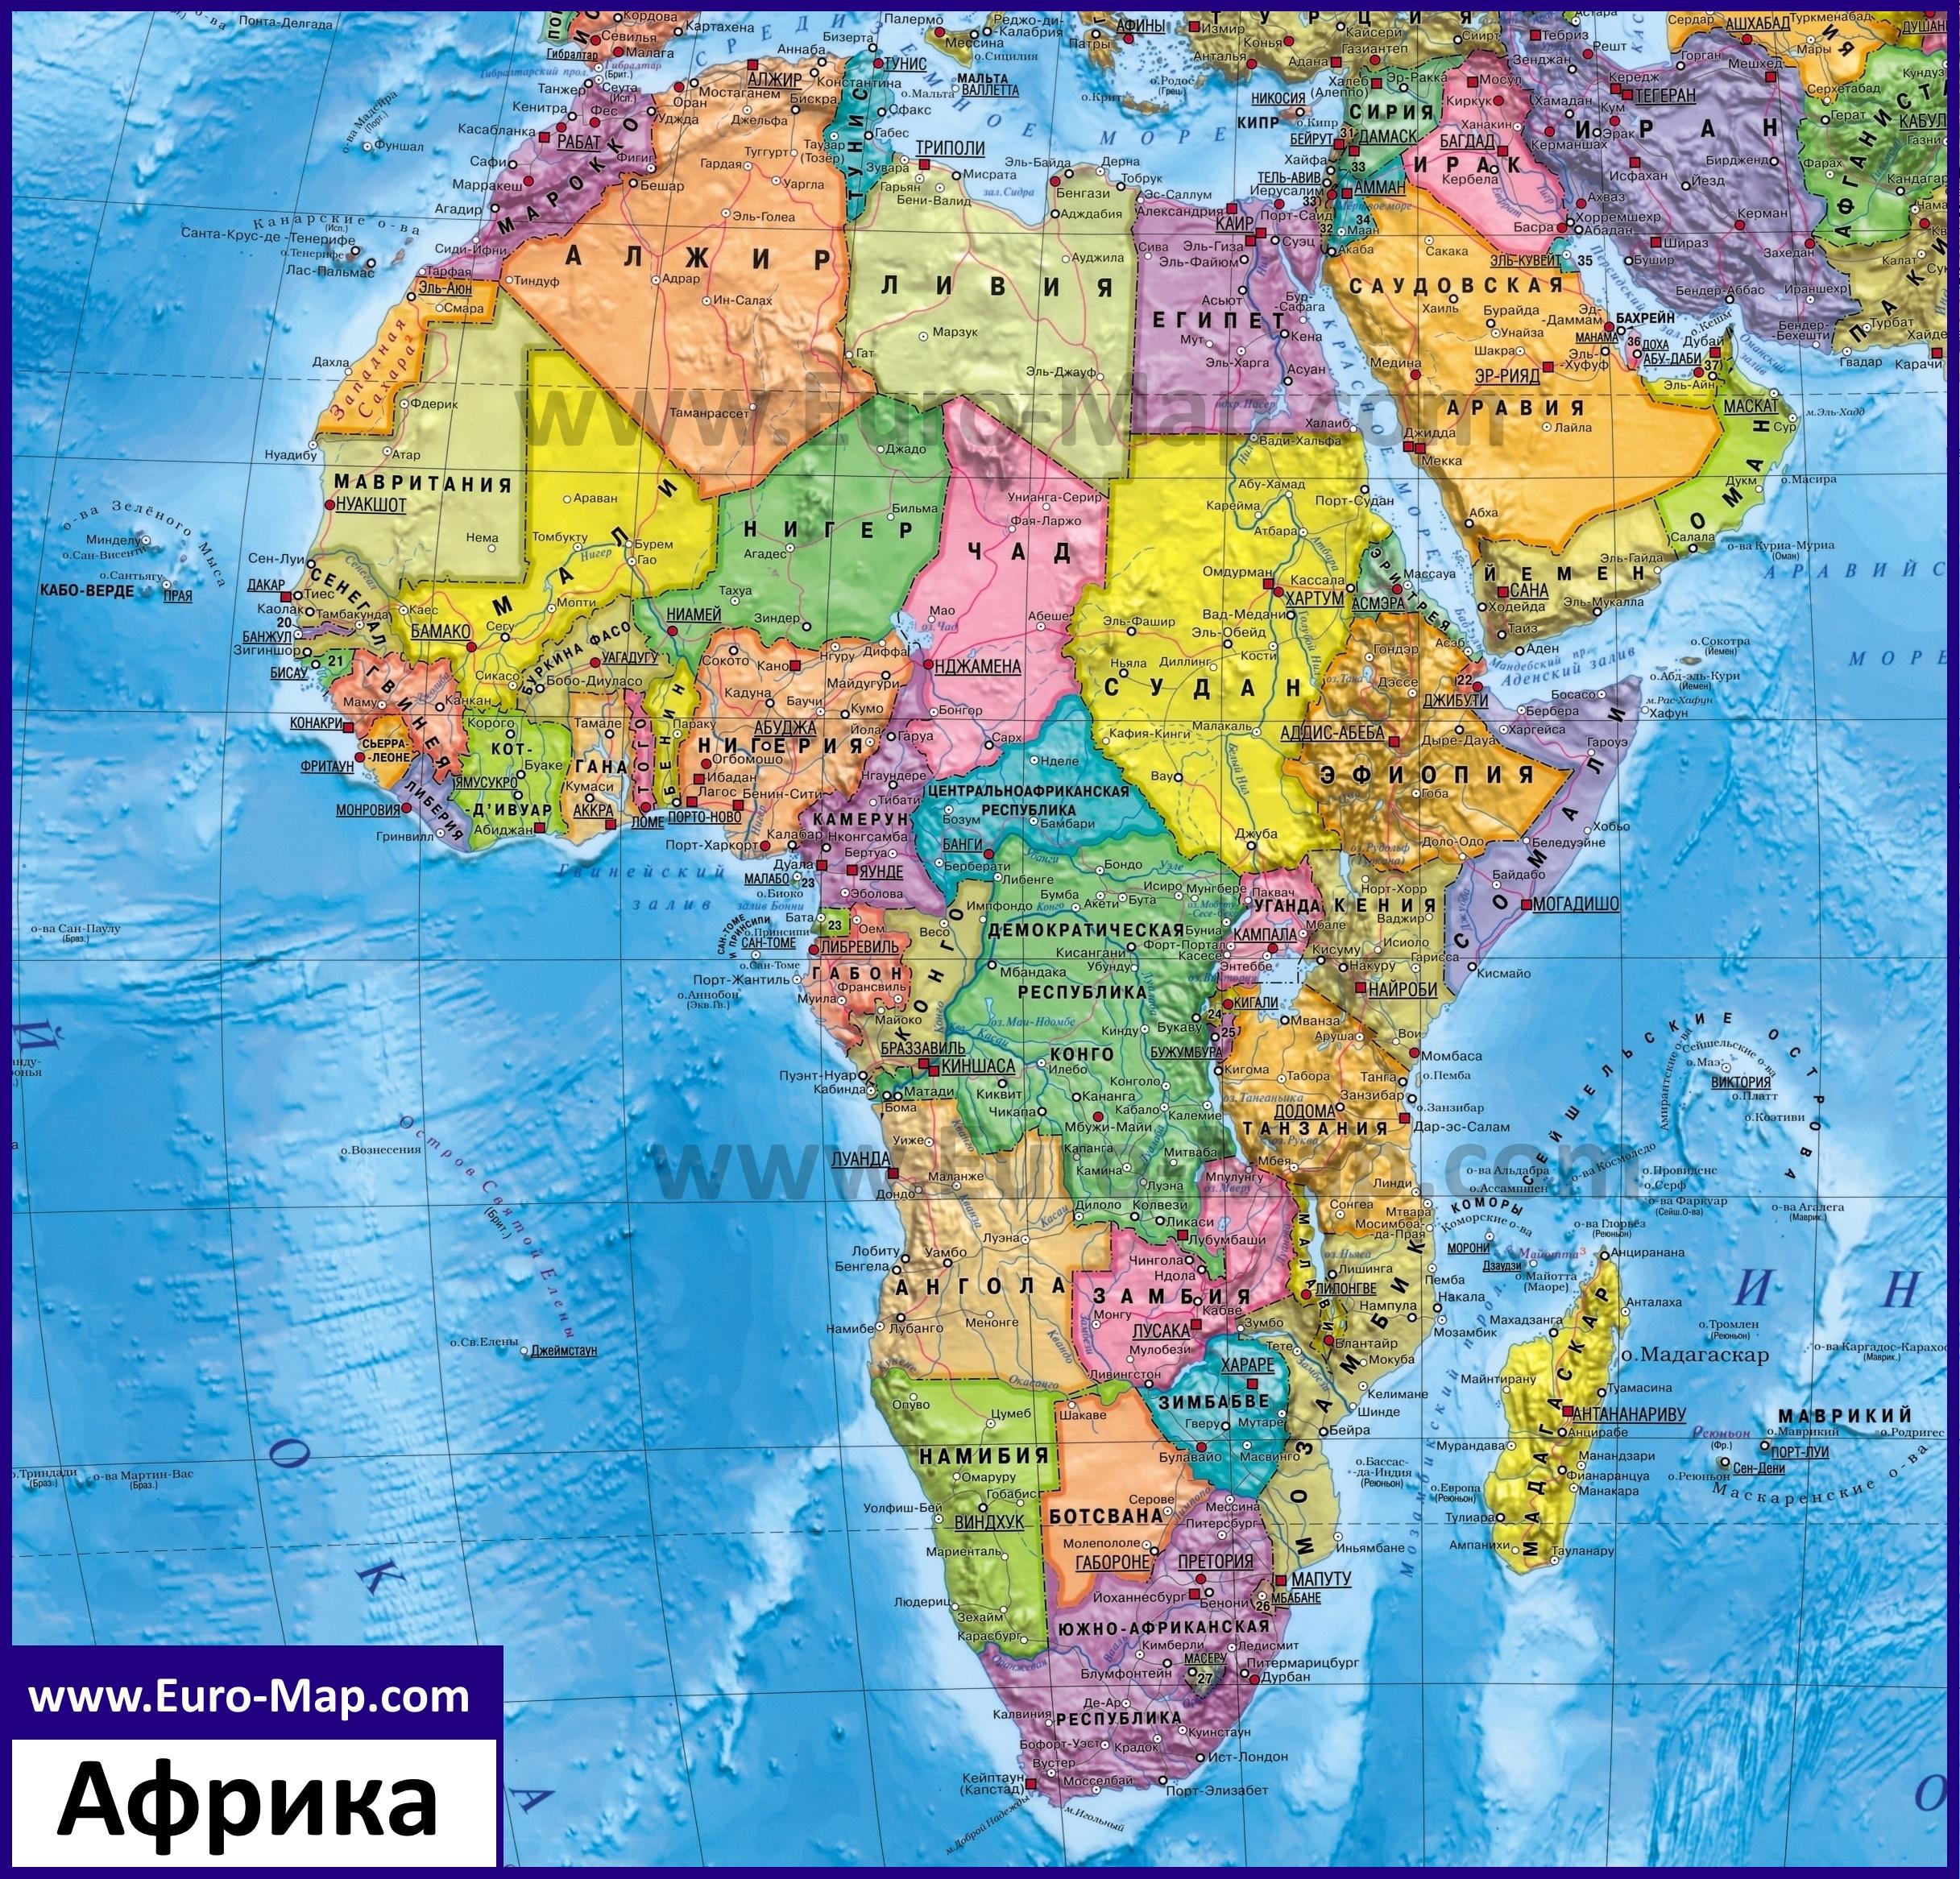 Karta Afriki Podrobnaya Politicheskaya I Fizicheskaya Karta Afriki Na